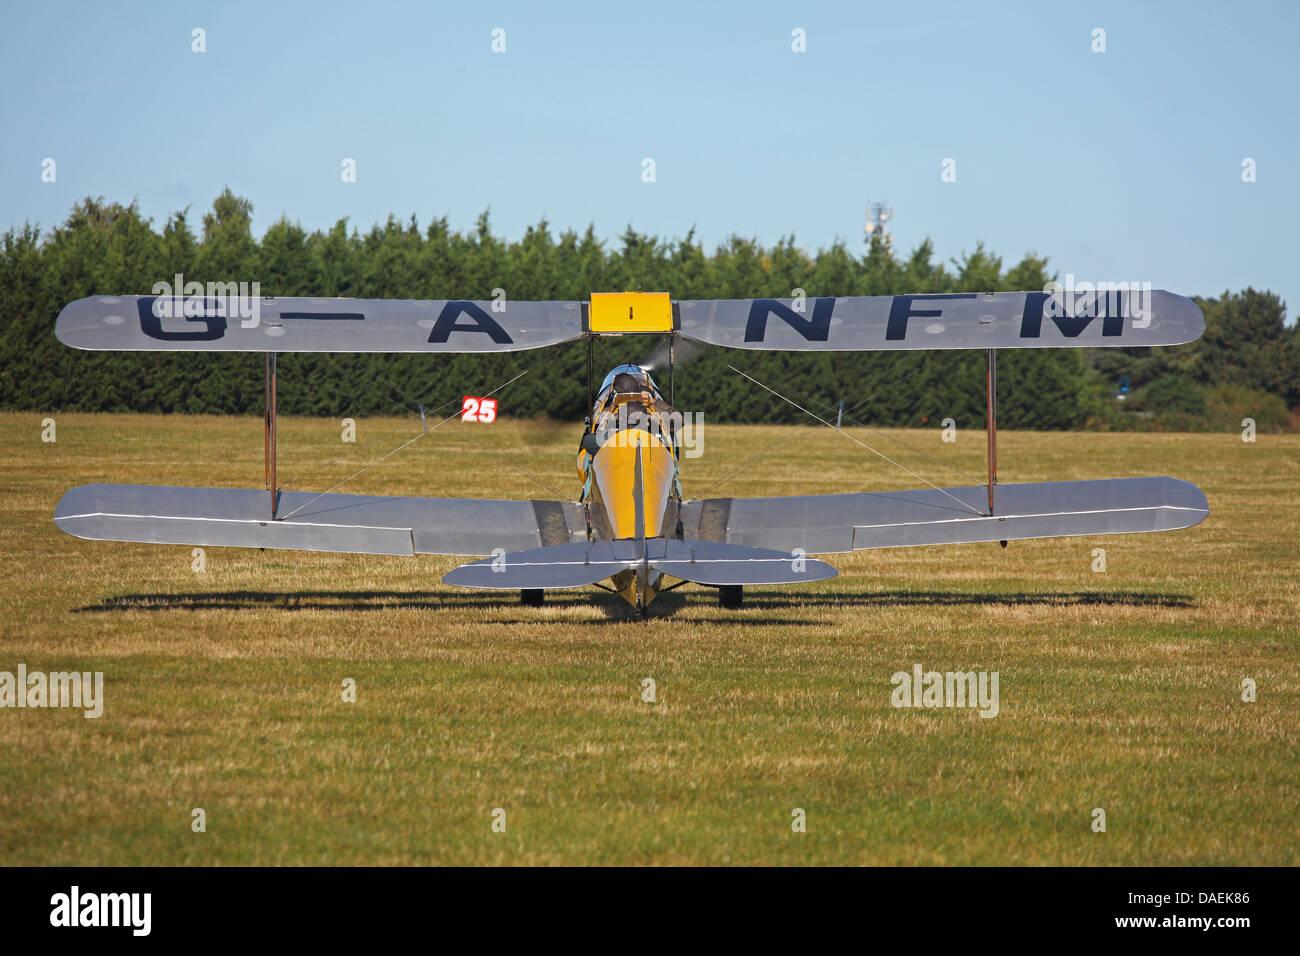 Un biplano preparando per il rullaggio in pista in una bella giornata. Immagini Stock